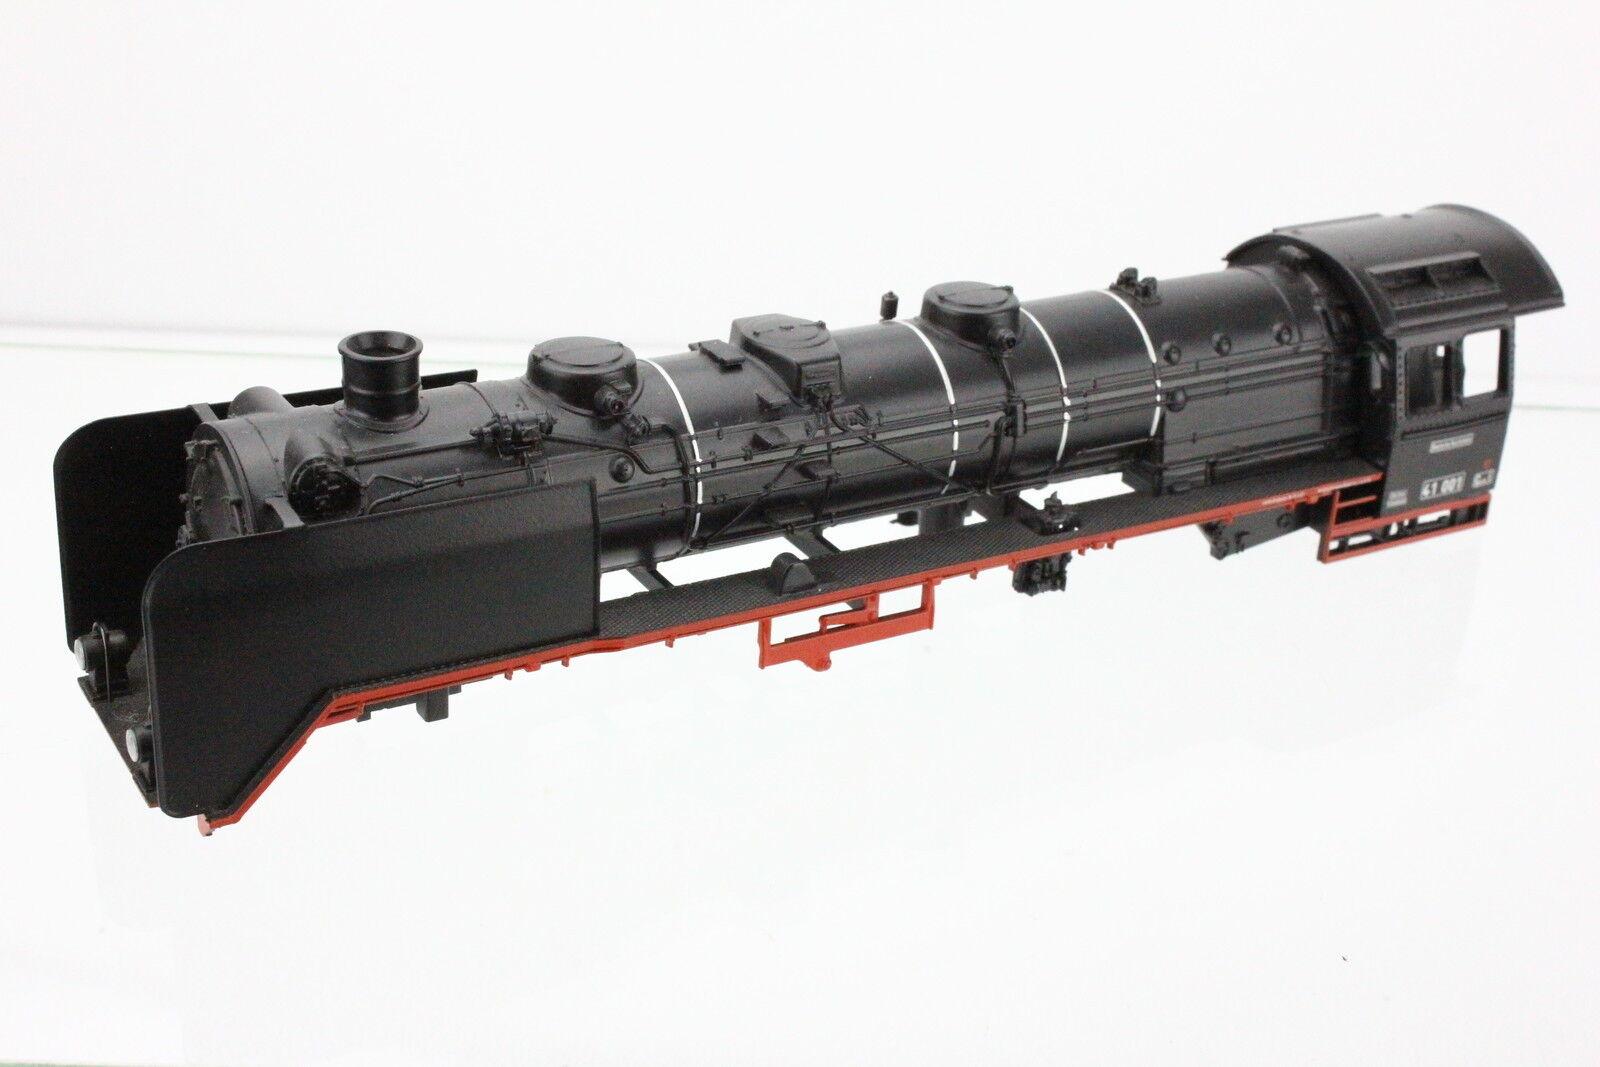 229109 chassis costruzione per 37921 locomotiva BR 41 001 Reich tedesco treno